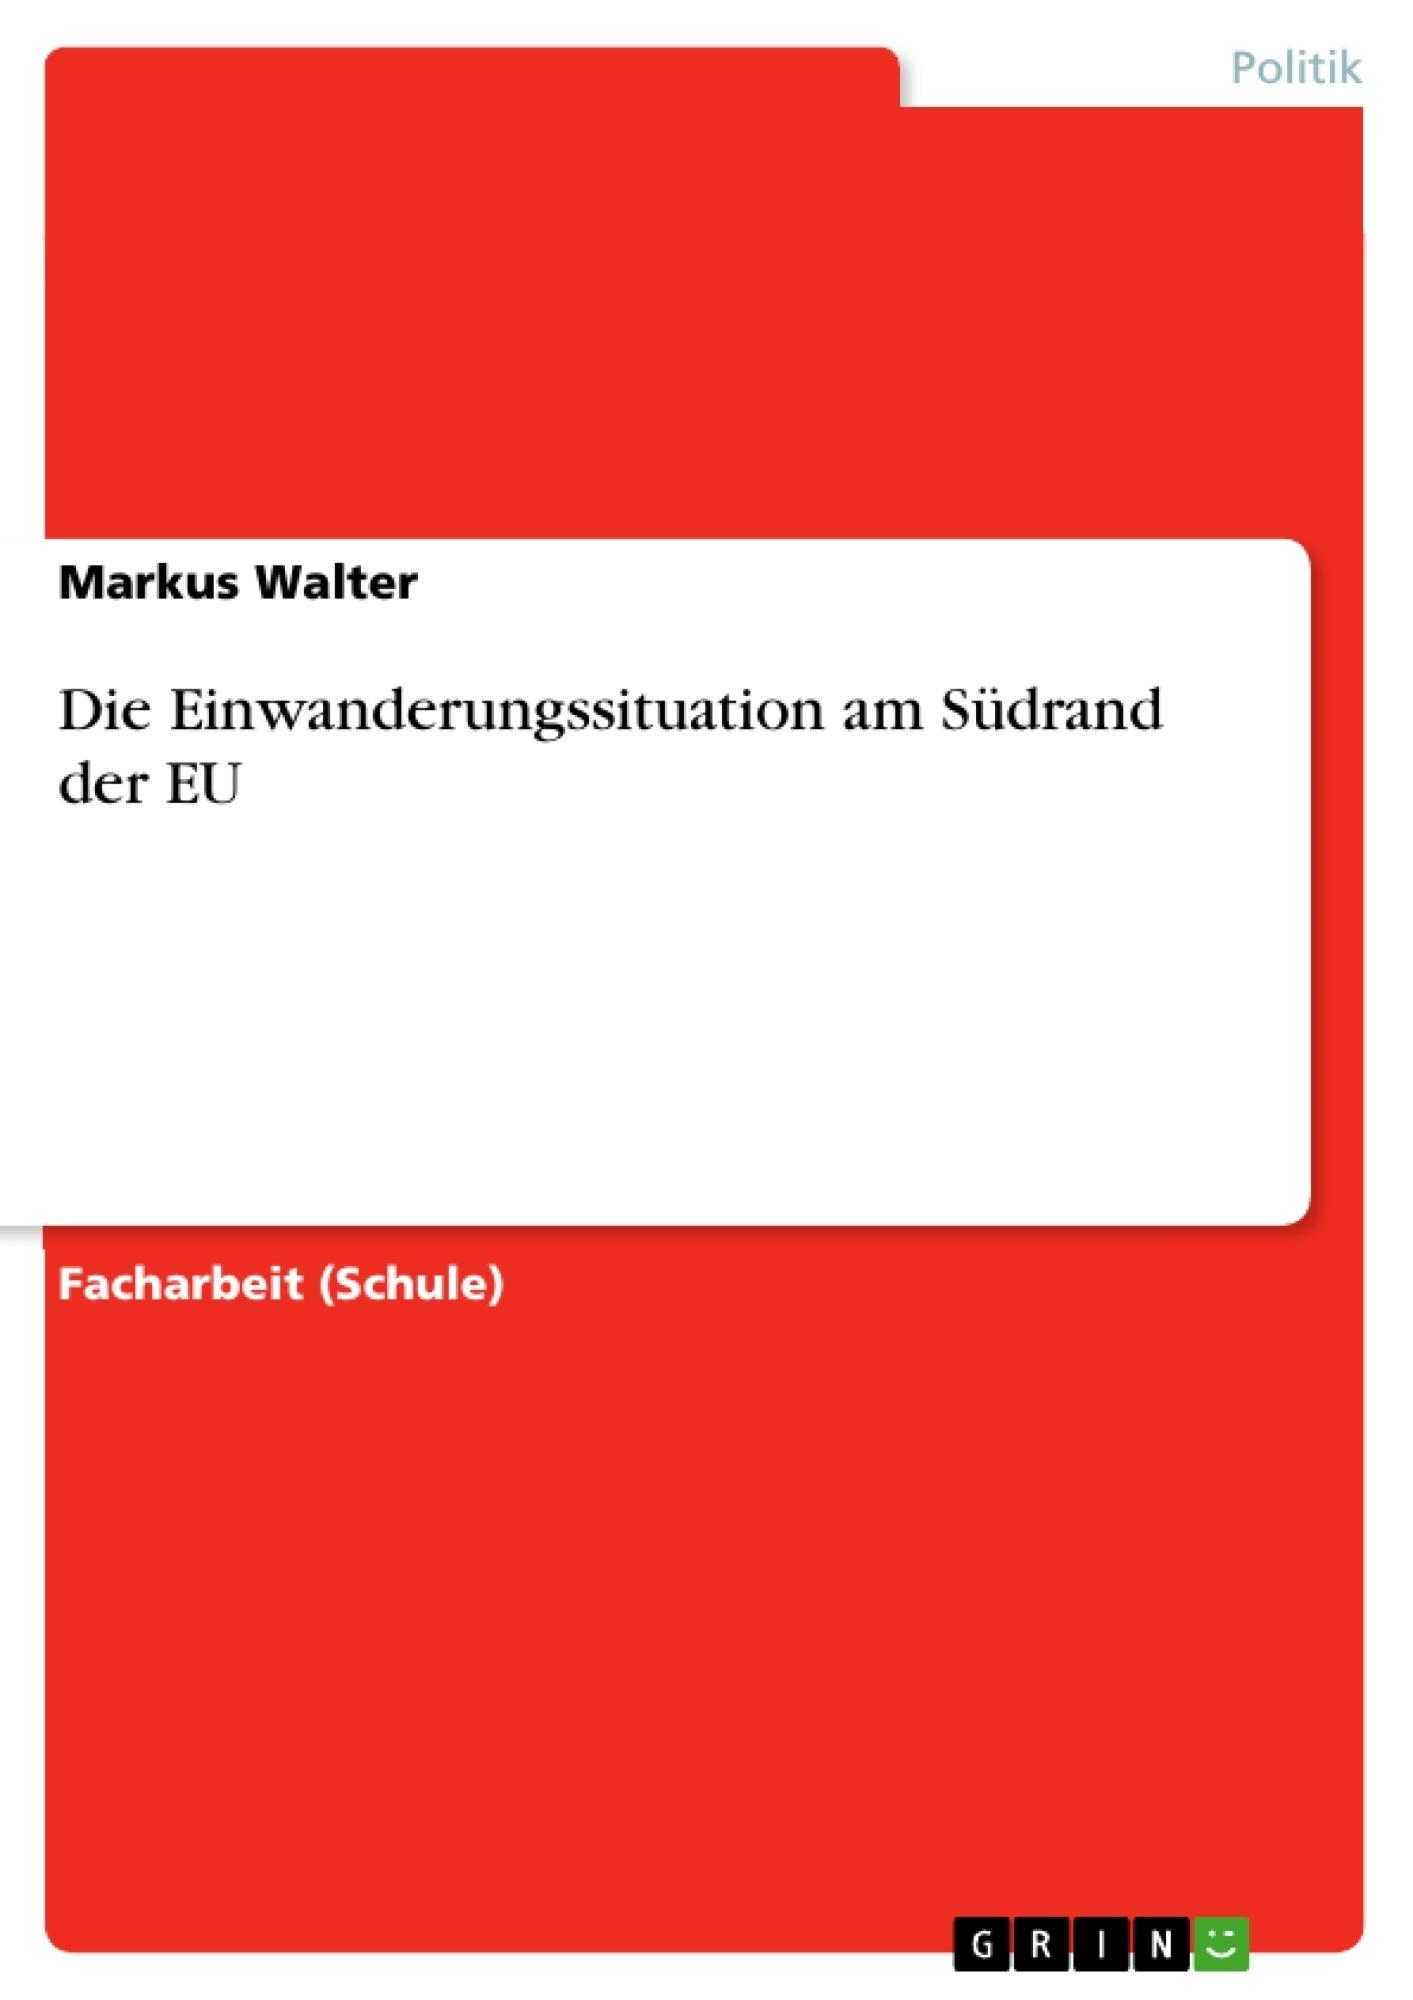 Titel: Die Einwanderungssituation am Südrand der EU